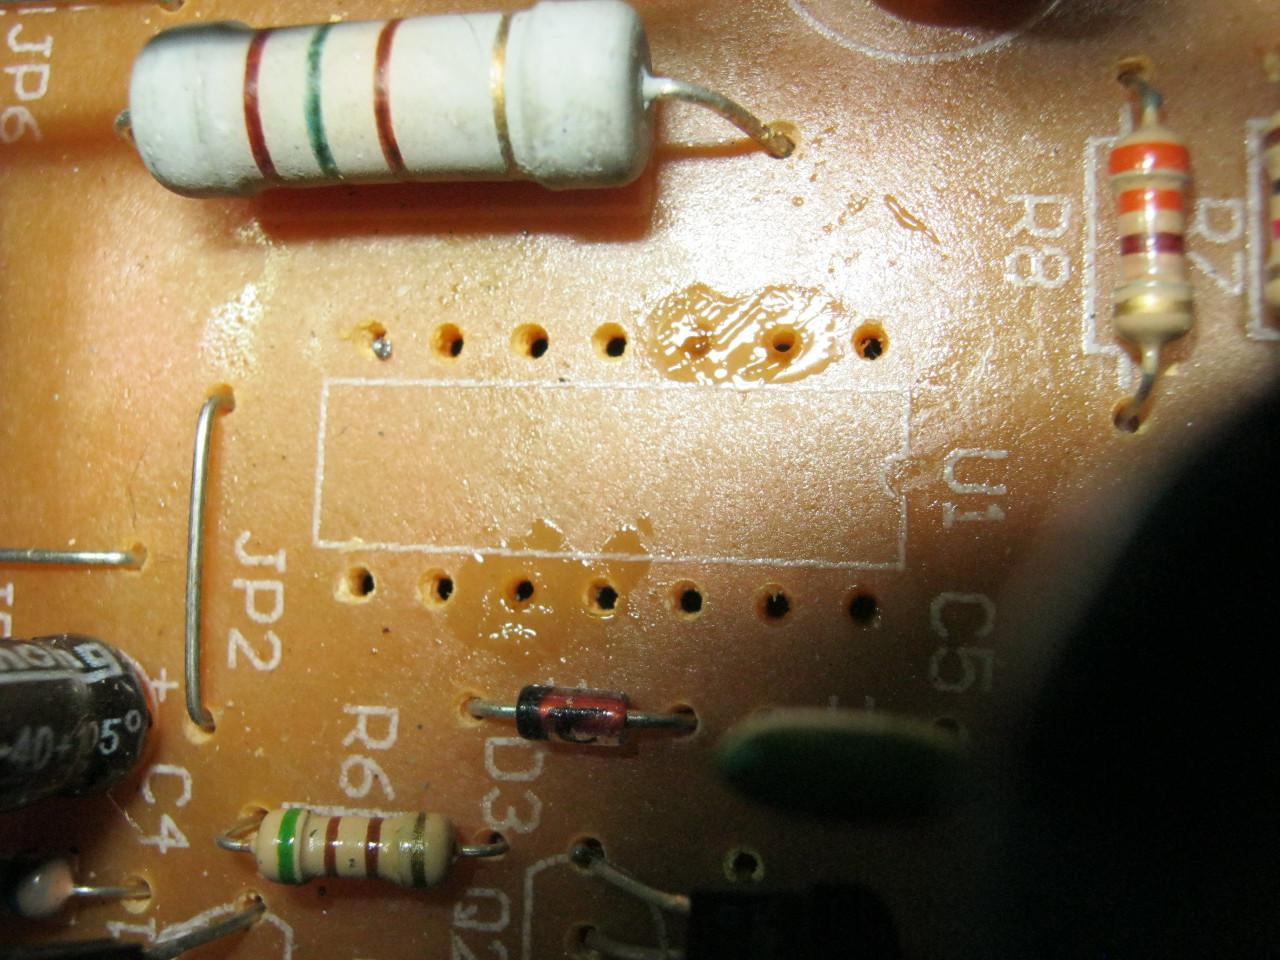 ключ под микросхему на плате